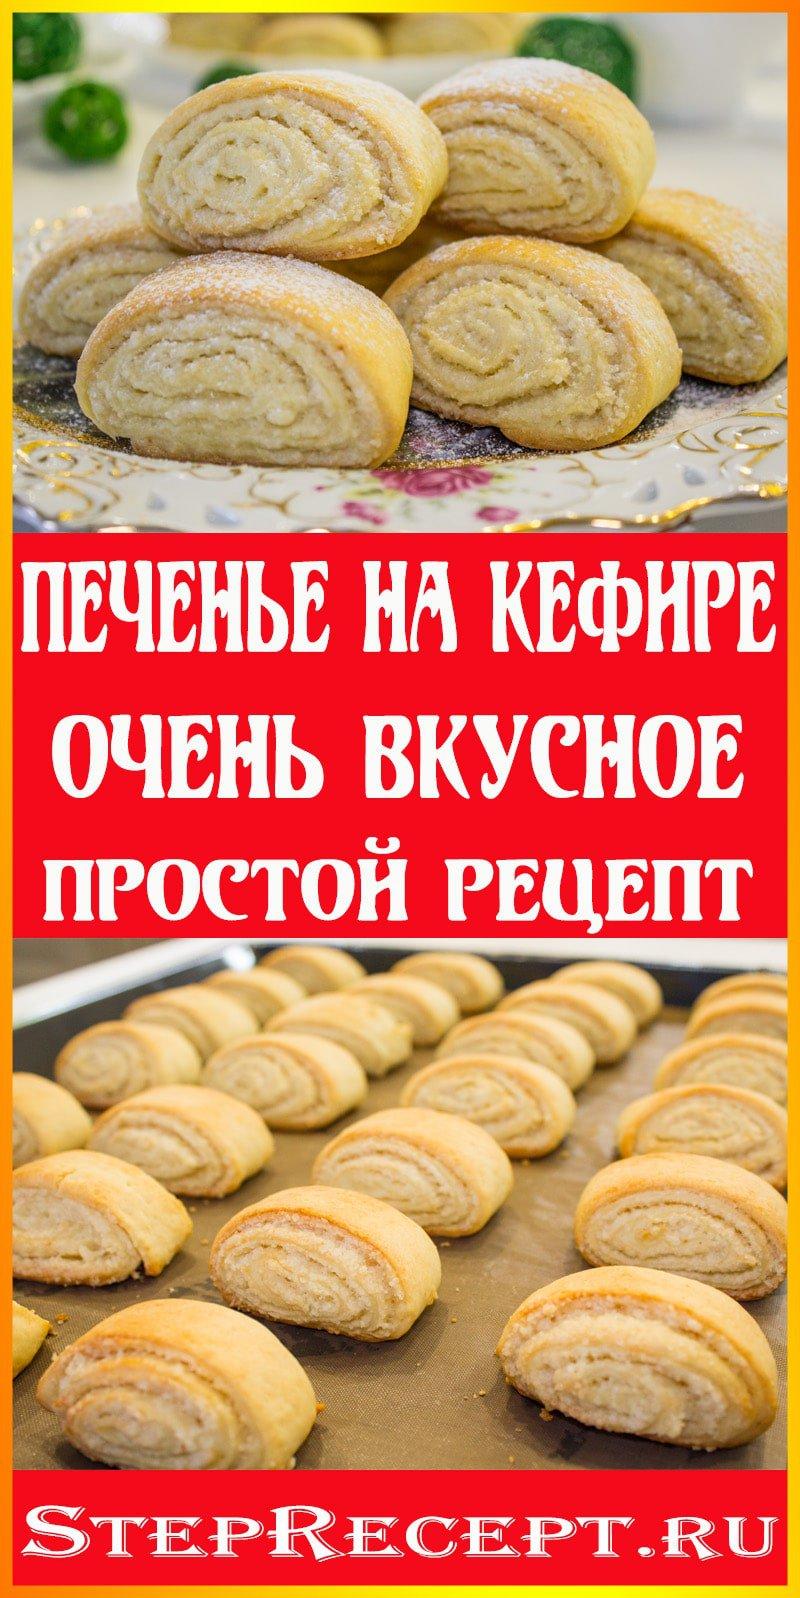 печенье на кефире в духовке